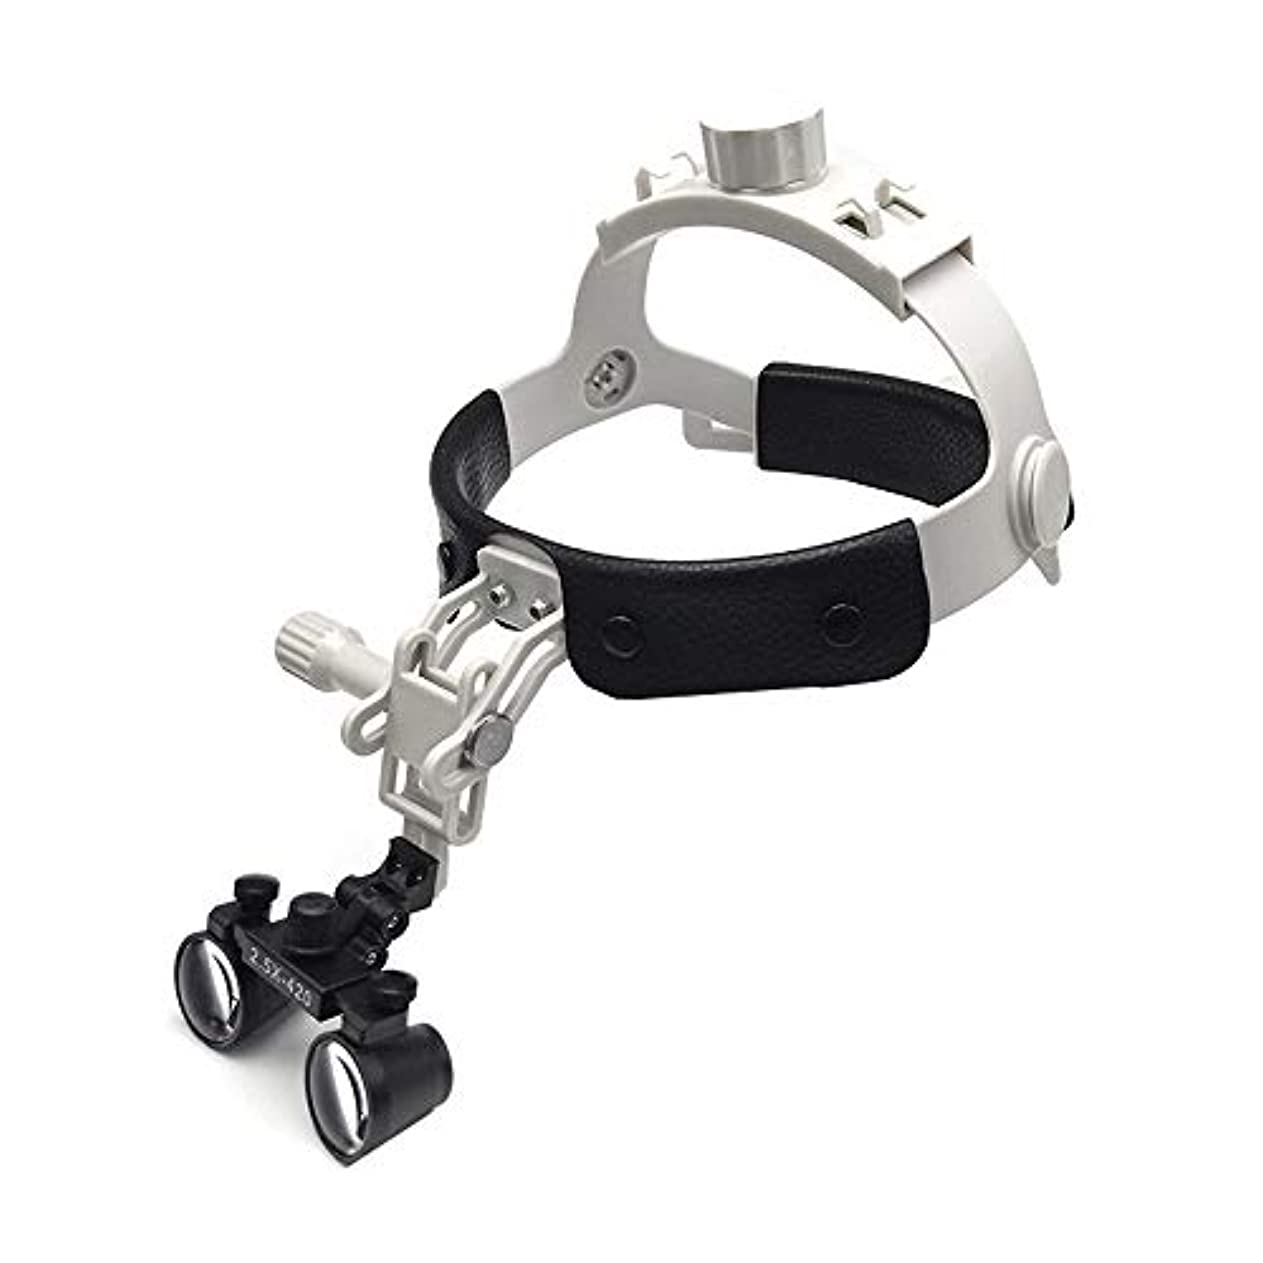 アルミニウム吸収剤科学者レザーケアと拡大鏡を身に着けて軽量小型レンズ2.5倍